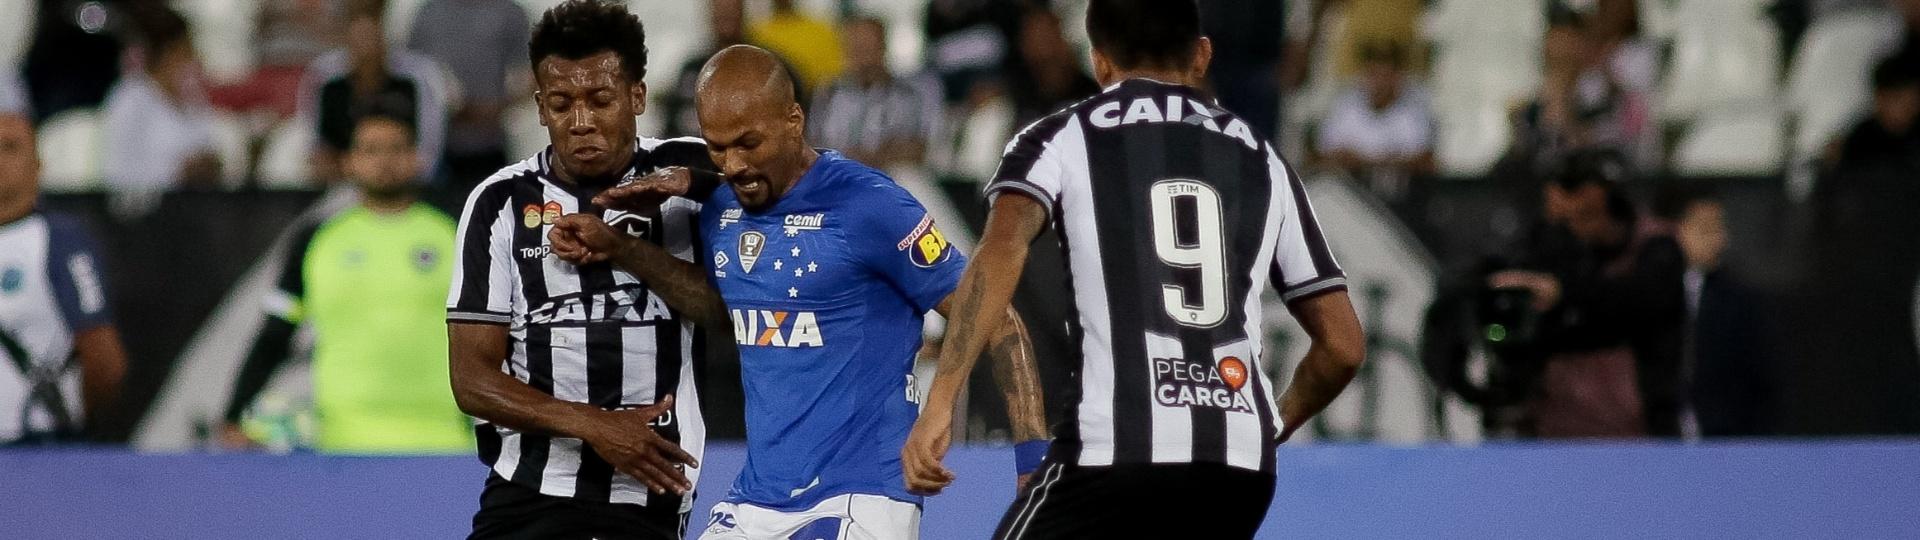 Bruno Silva disputa bola durante partida entre Botafogo e Cruzeiro